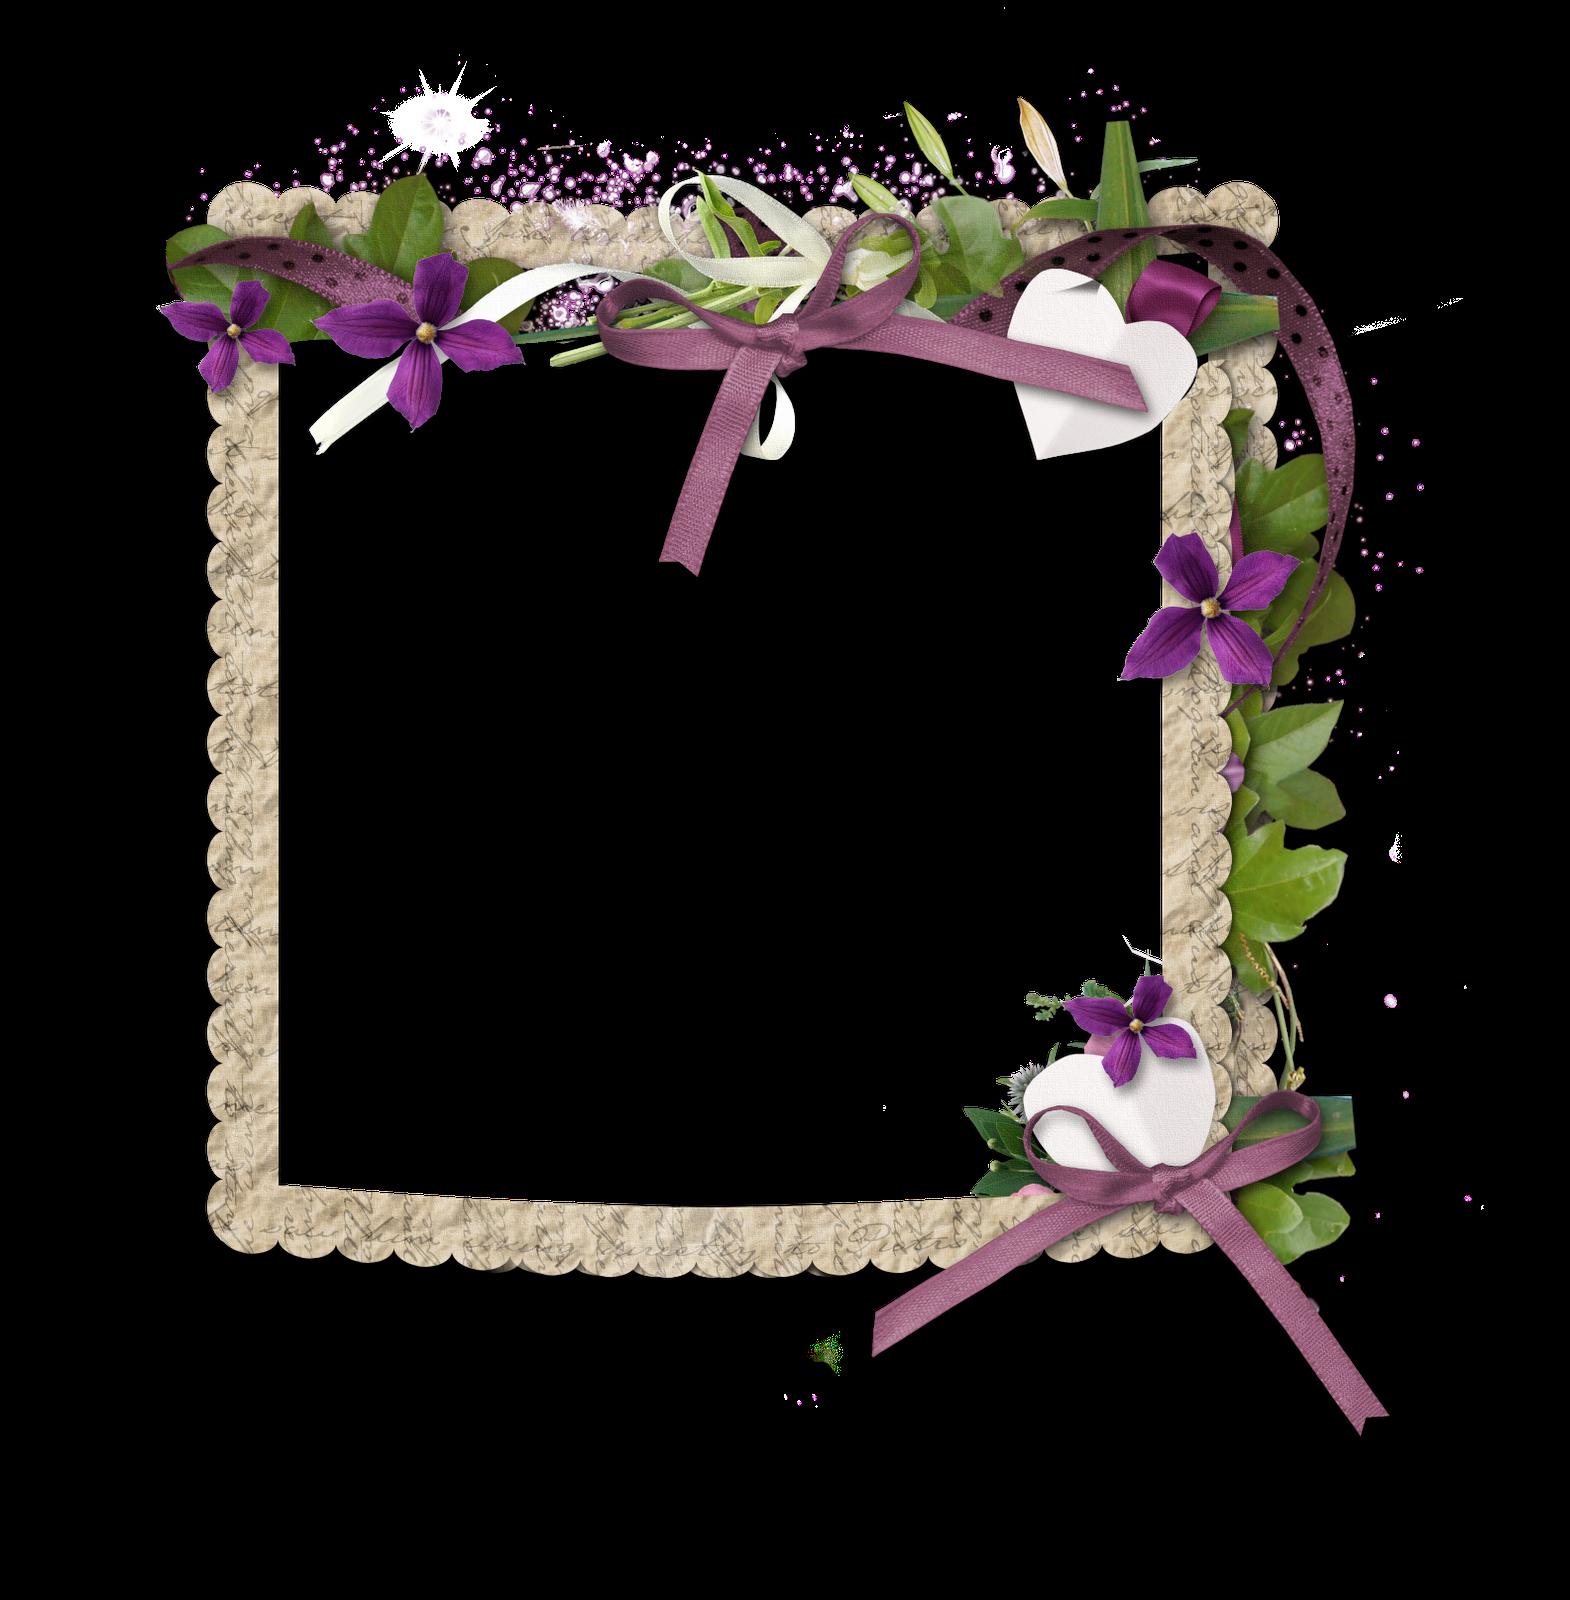 Dorable marcos de flores para fotos foto ideas de for Decoracion marcos fotos